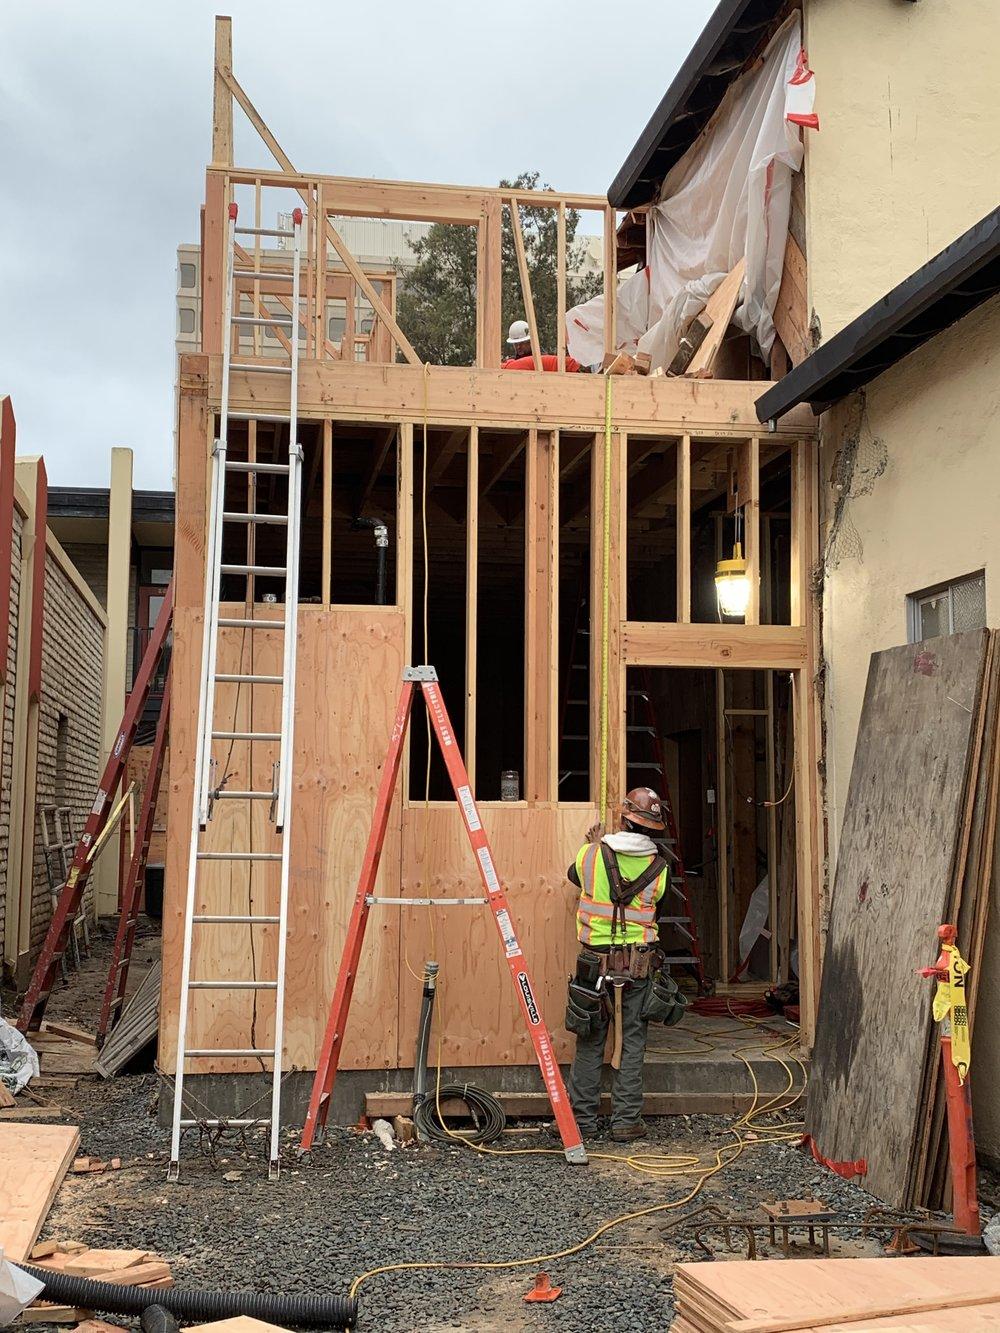 12-28-2018 Working on second floor